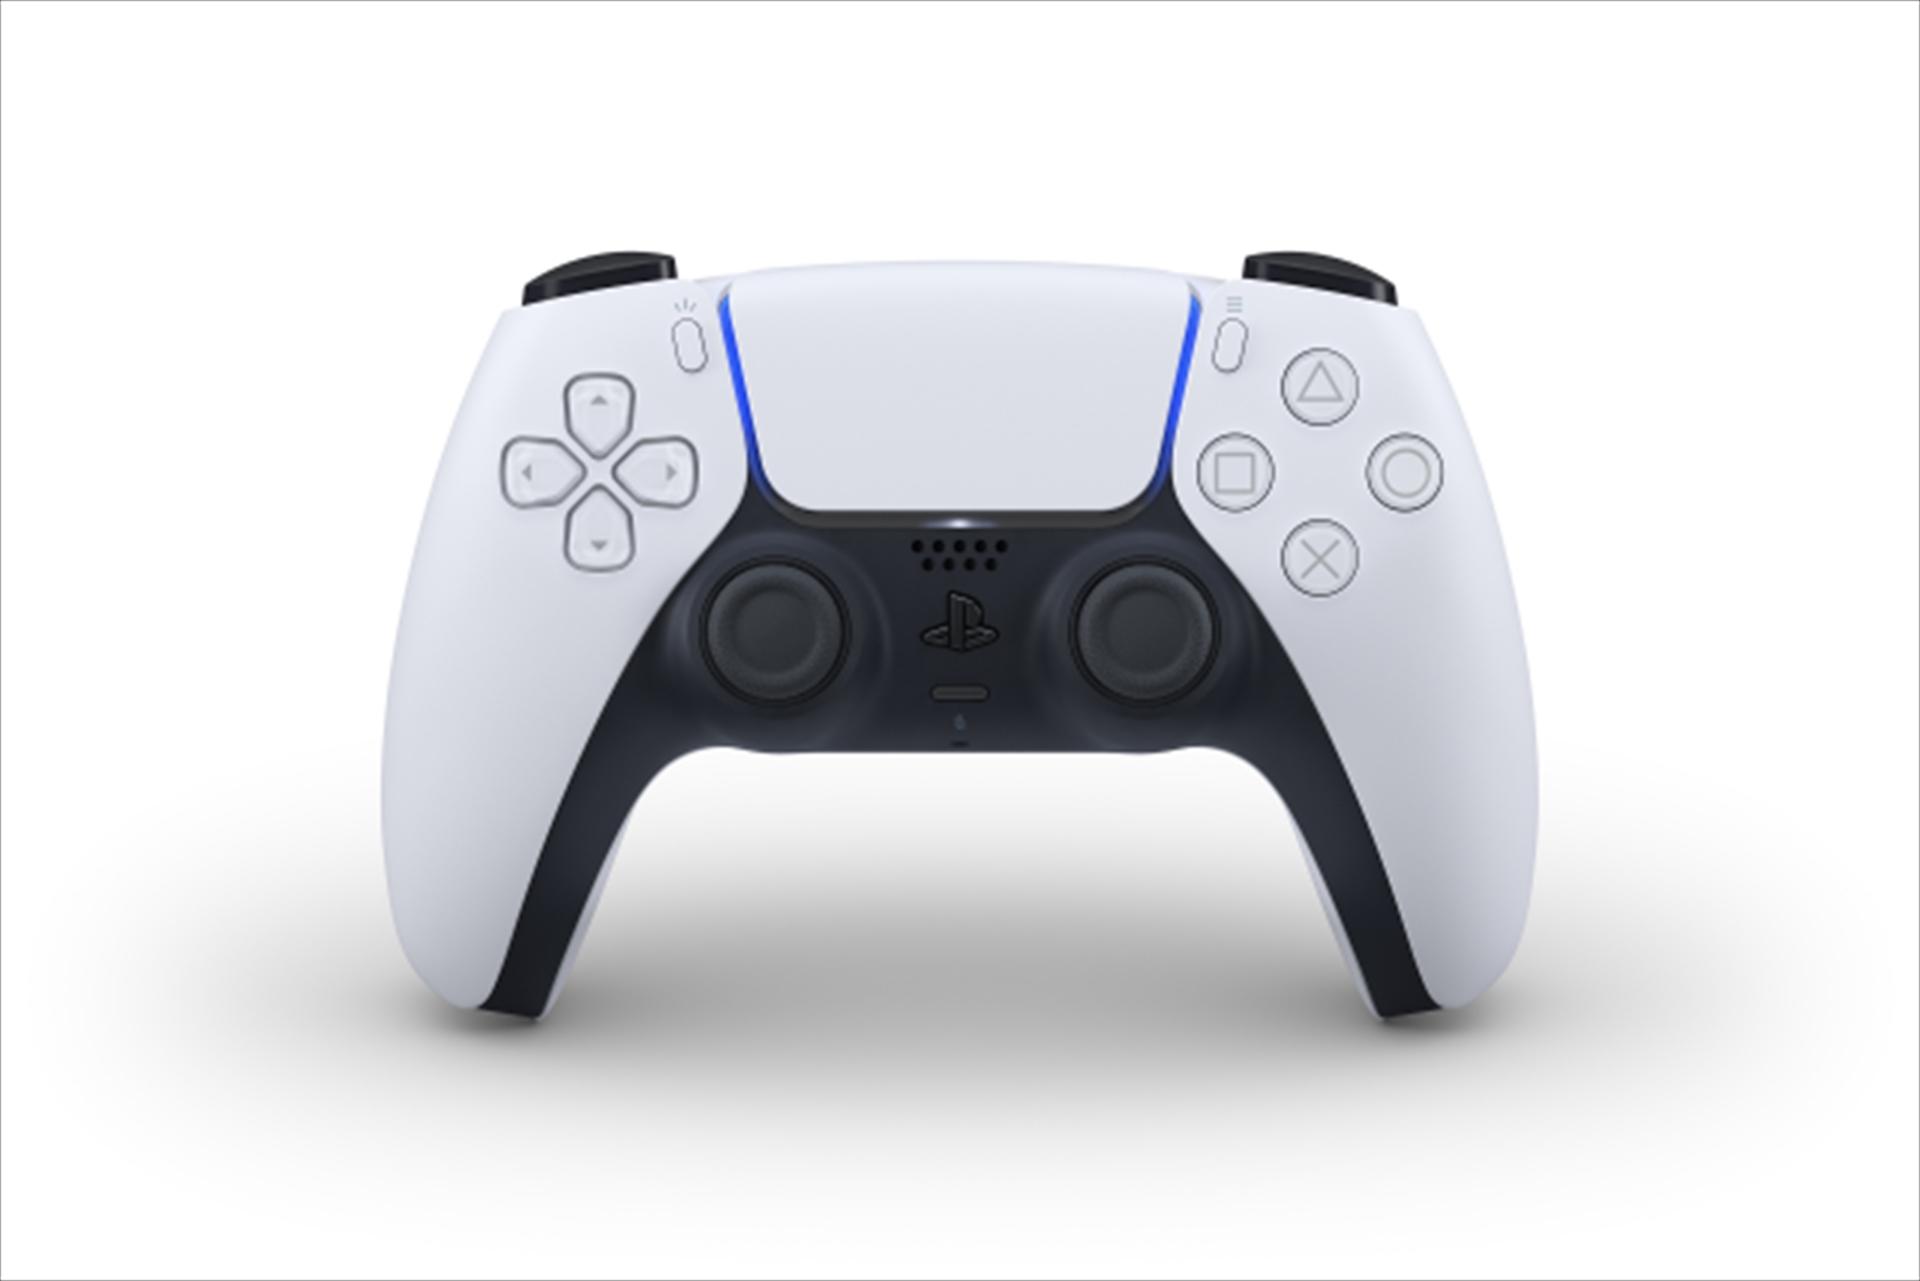 001 - 【画像】ソニー、PS5のコントローラーを公開